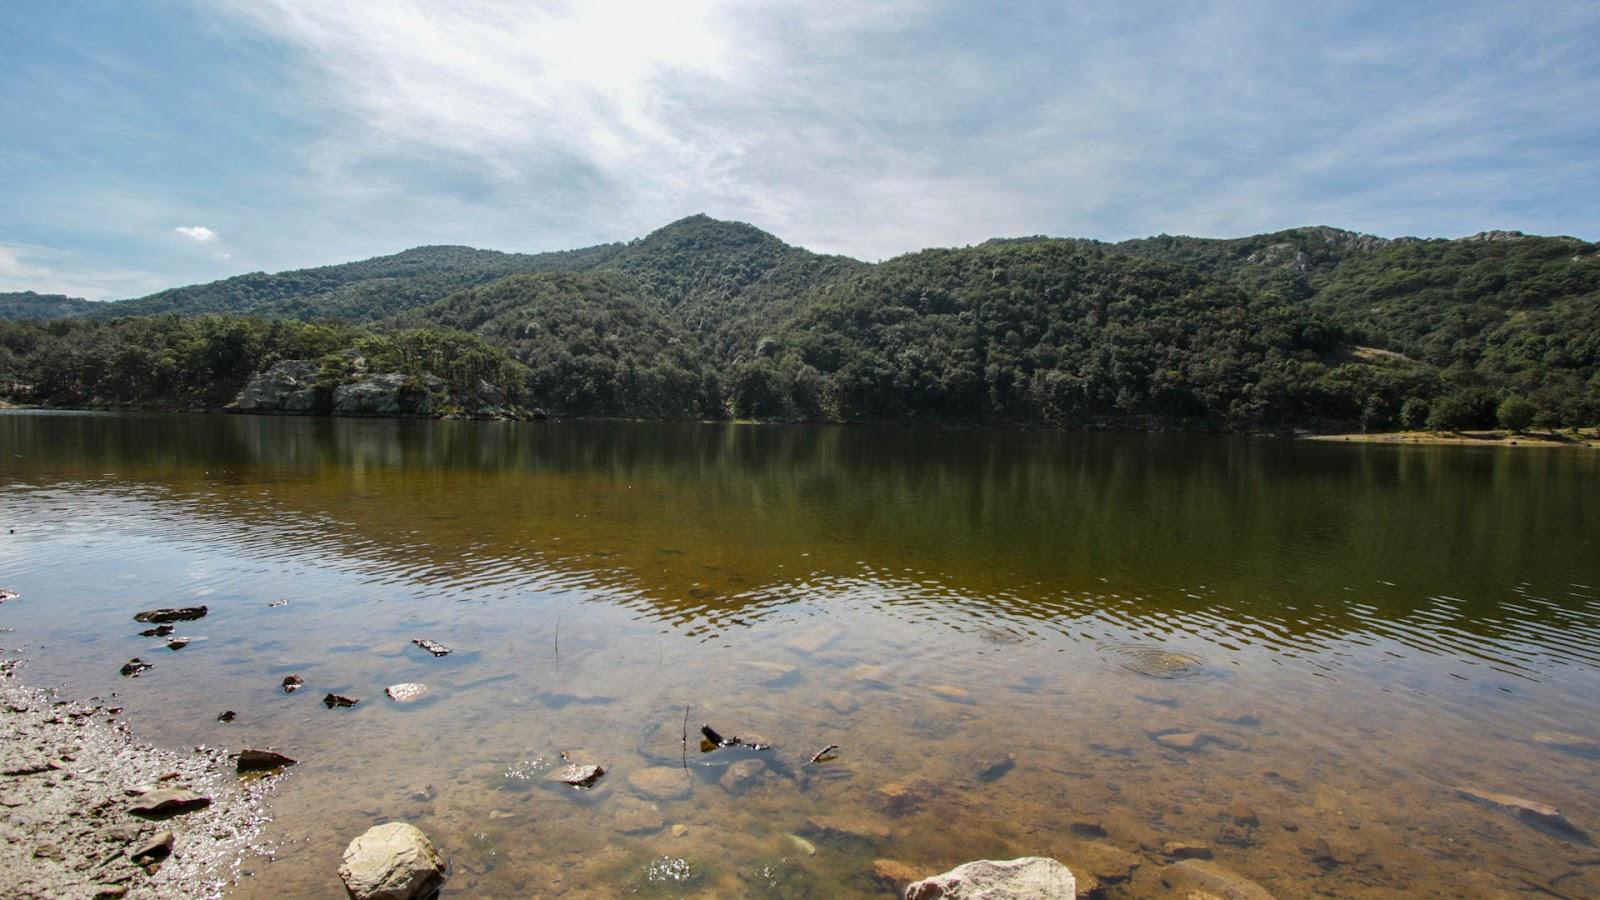 De la Presa de Peralillo se abastecen de agua comunidades de la Sierra